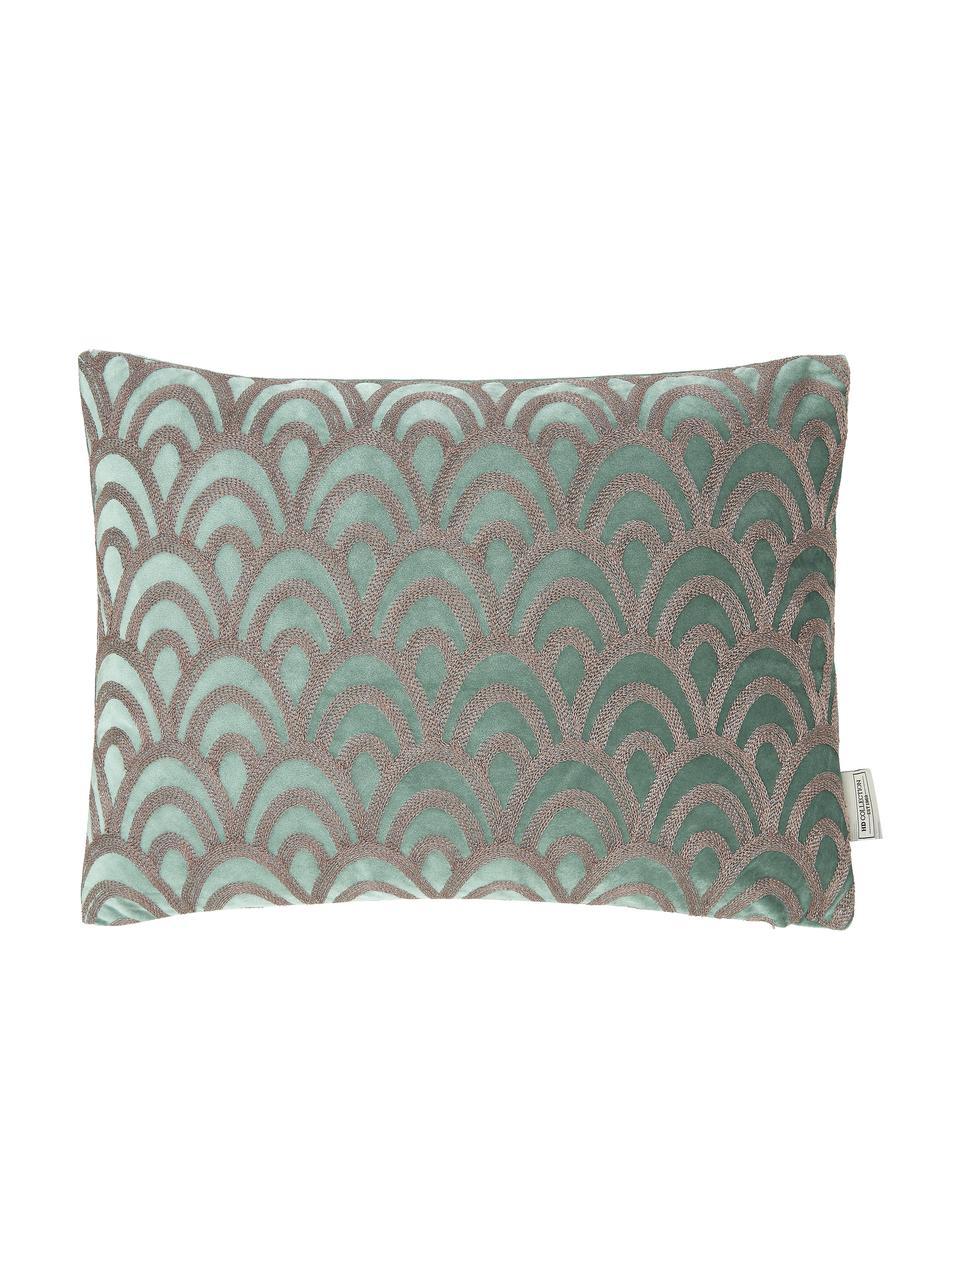 Samt-Kissen Trole mit glänzender Stickerei, mit Inlett, 100% Samt (Polyester), Grün, Silberfarben, 40 x 55 cm